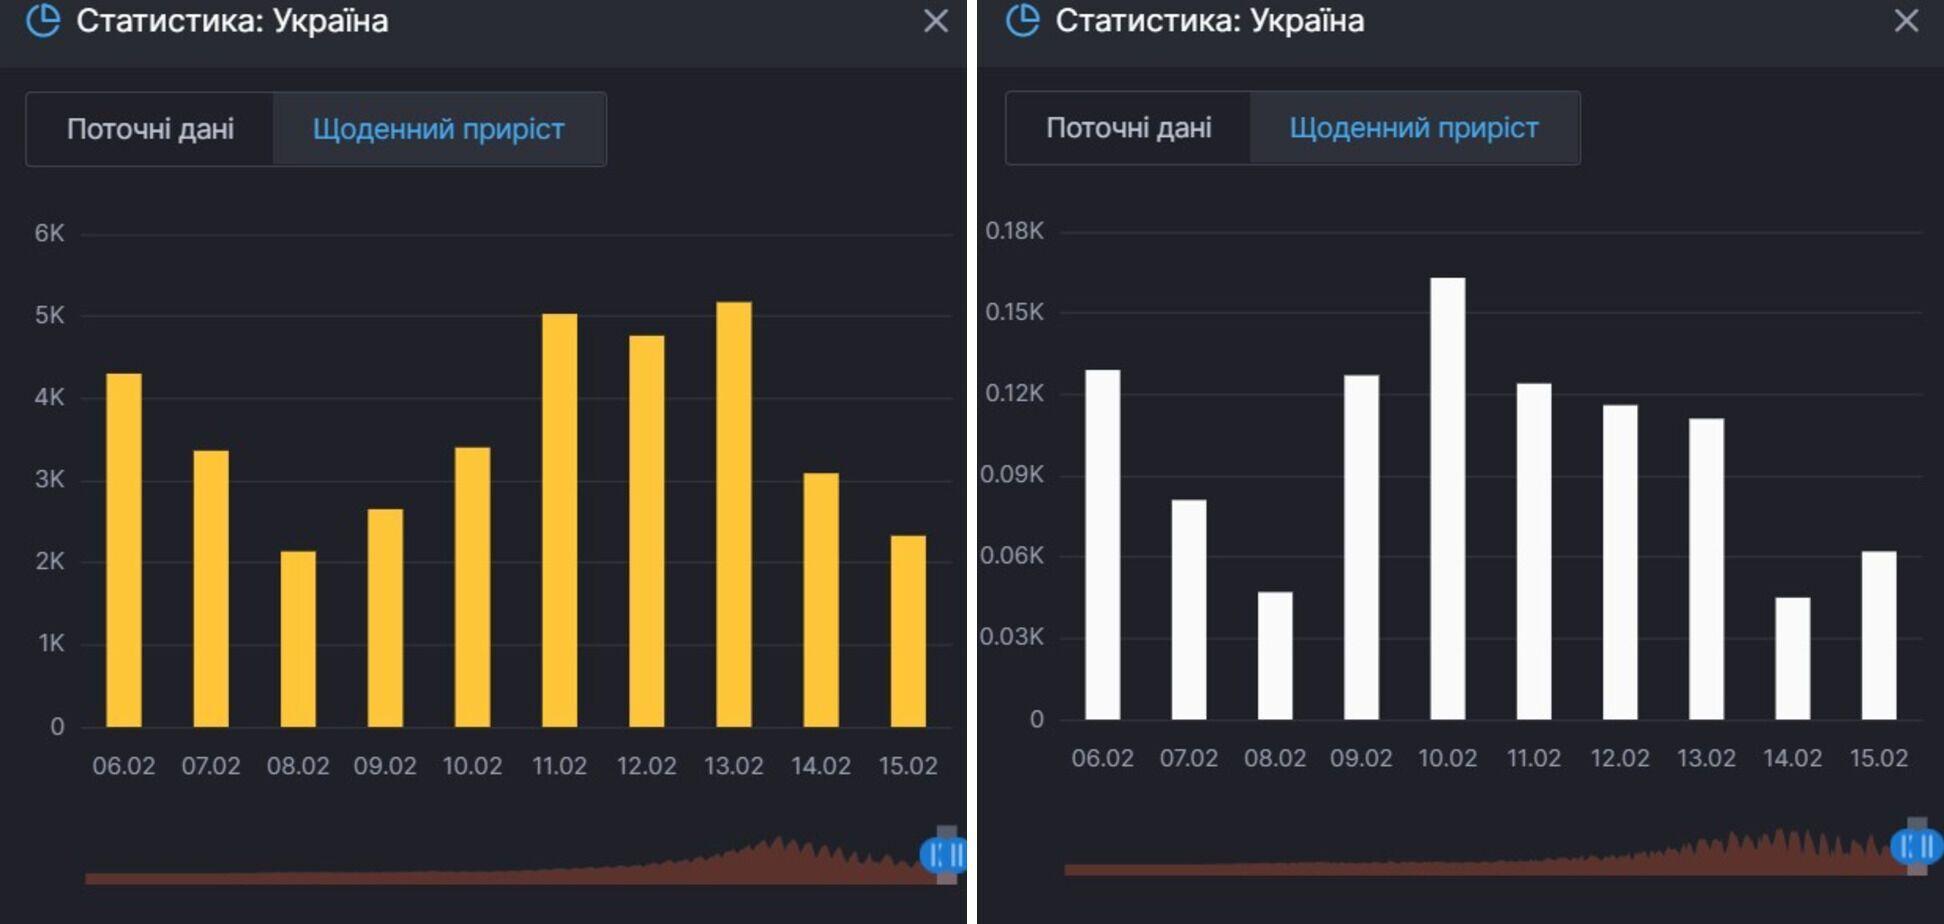 Прирост заражений COVID-19 и смертей от него в Украине